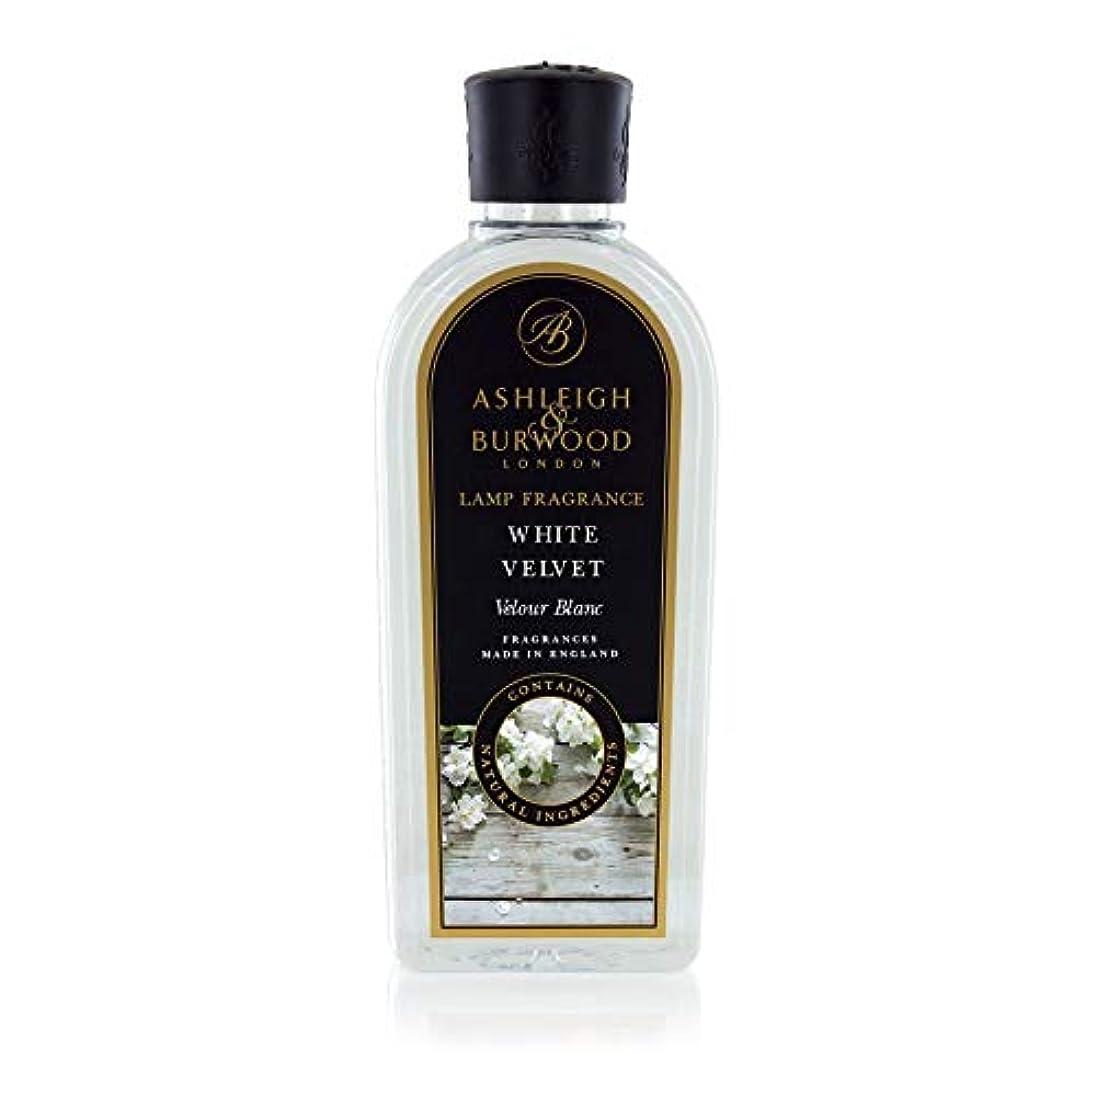 首尾一貫した品種ニックネームAshleigh&Burwood ランプフレグランス ホワイトベルベット Lamp Fragrances WhiteVelvet アシュレイ&バーウッド